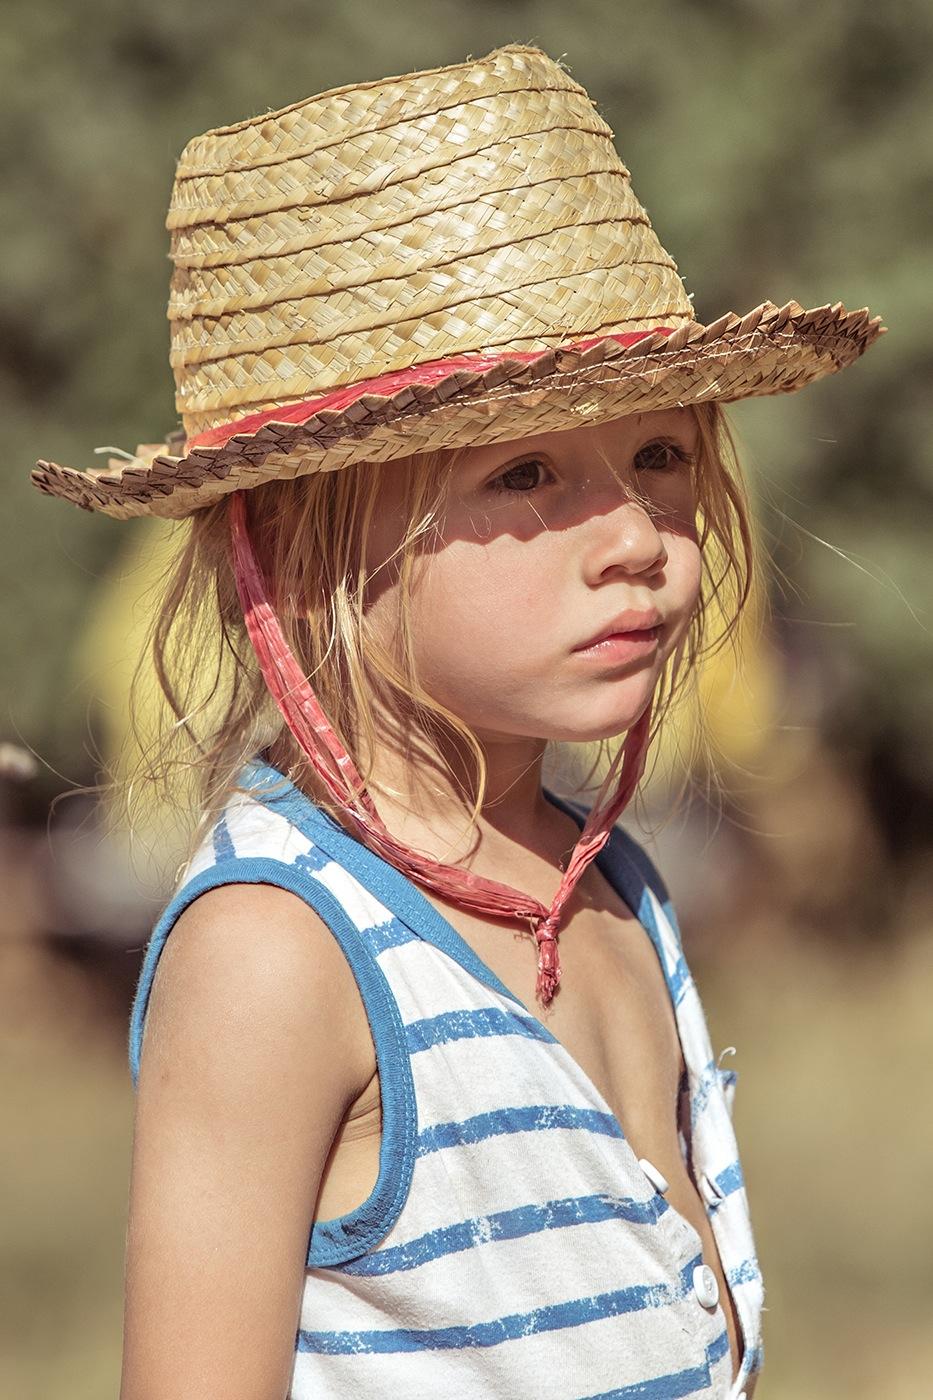 13-photographe-reportage-reve-de-laborigene-2016-guillaume-heraud-enfant-blond-chapeau-small